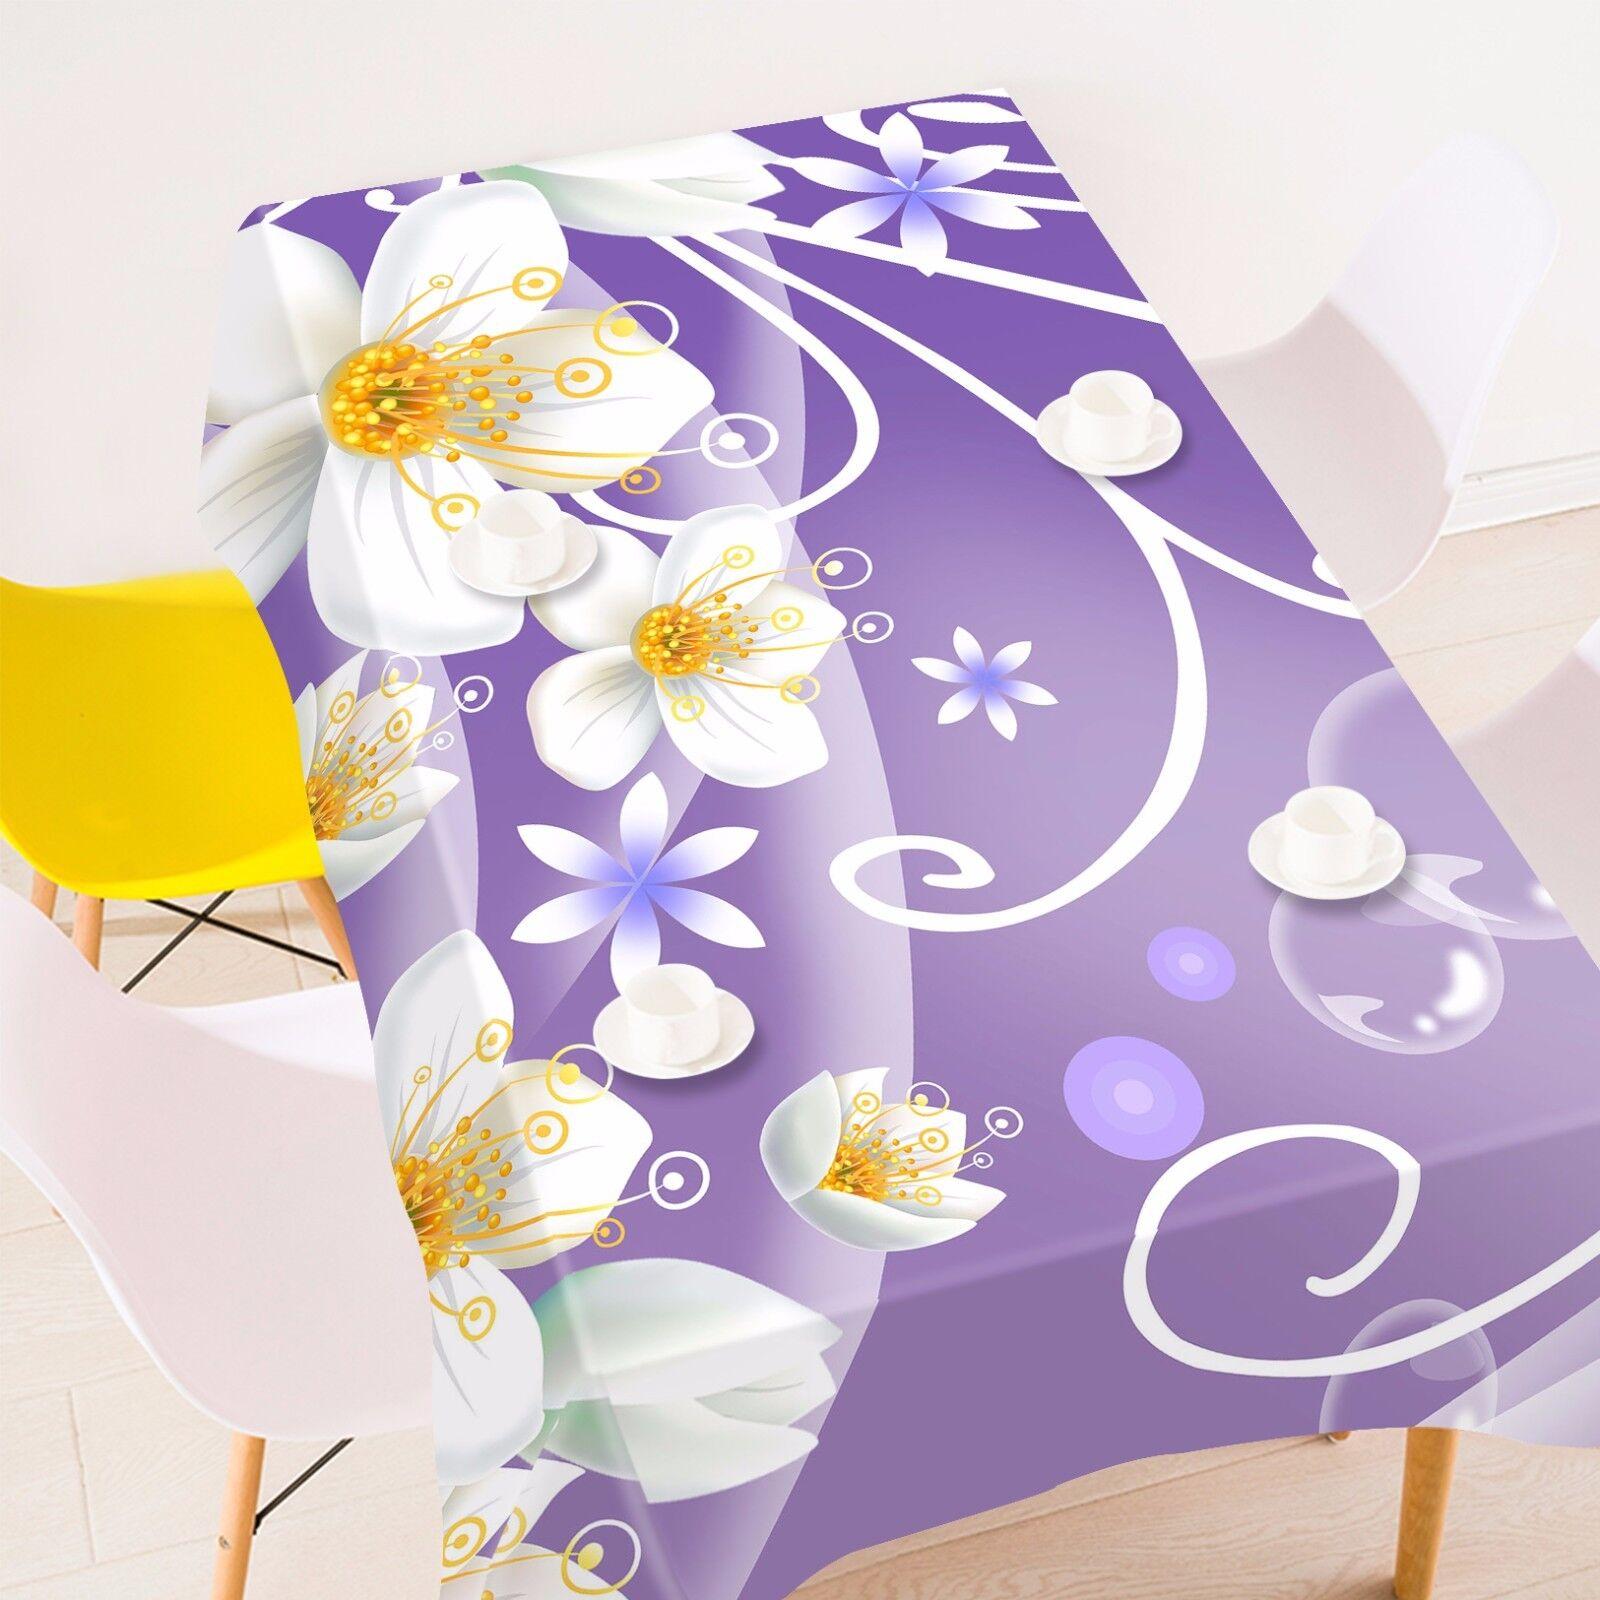 3D pétales 45 Nappe Table Cover Cloth fête d'anniversaire AJ papier peint Royaume-Uni Citron